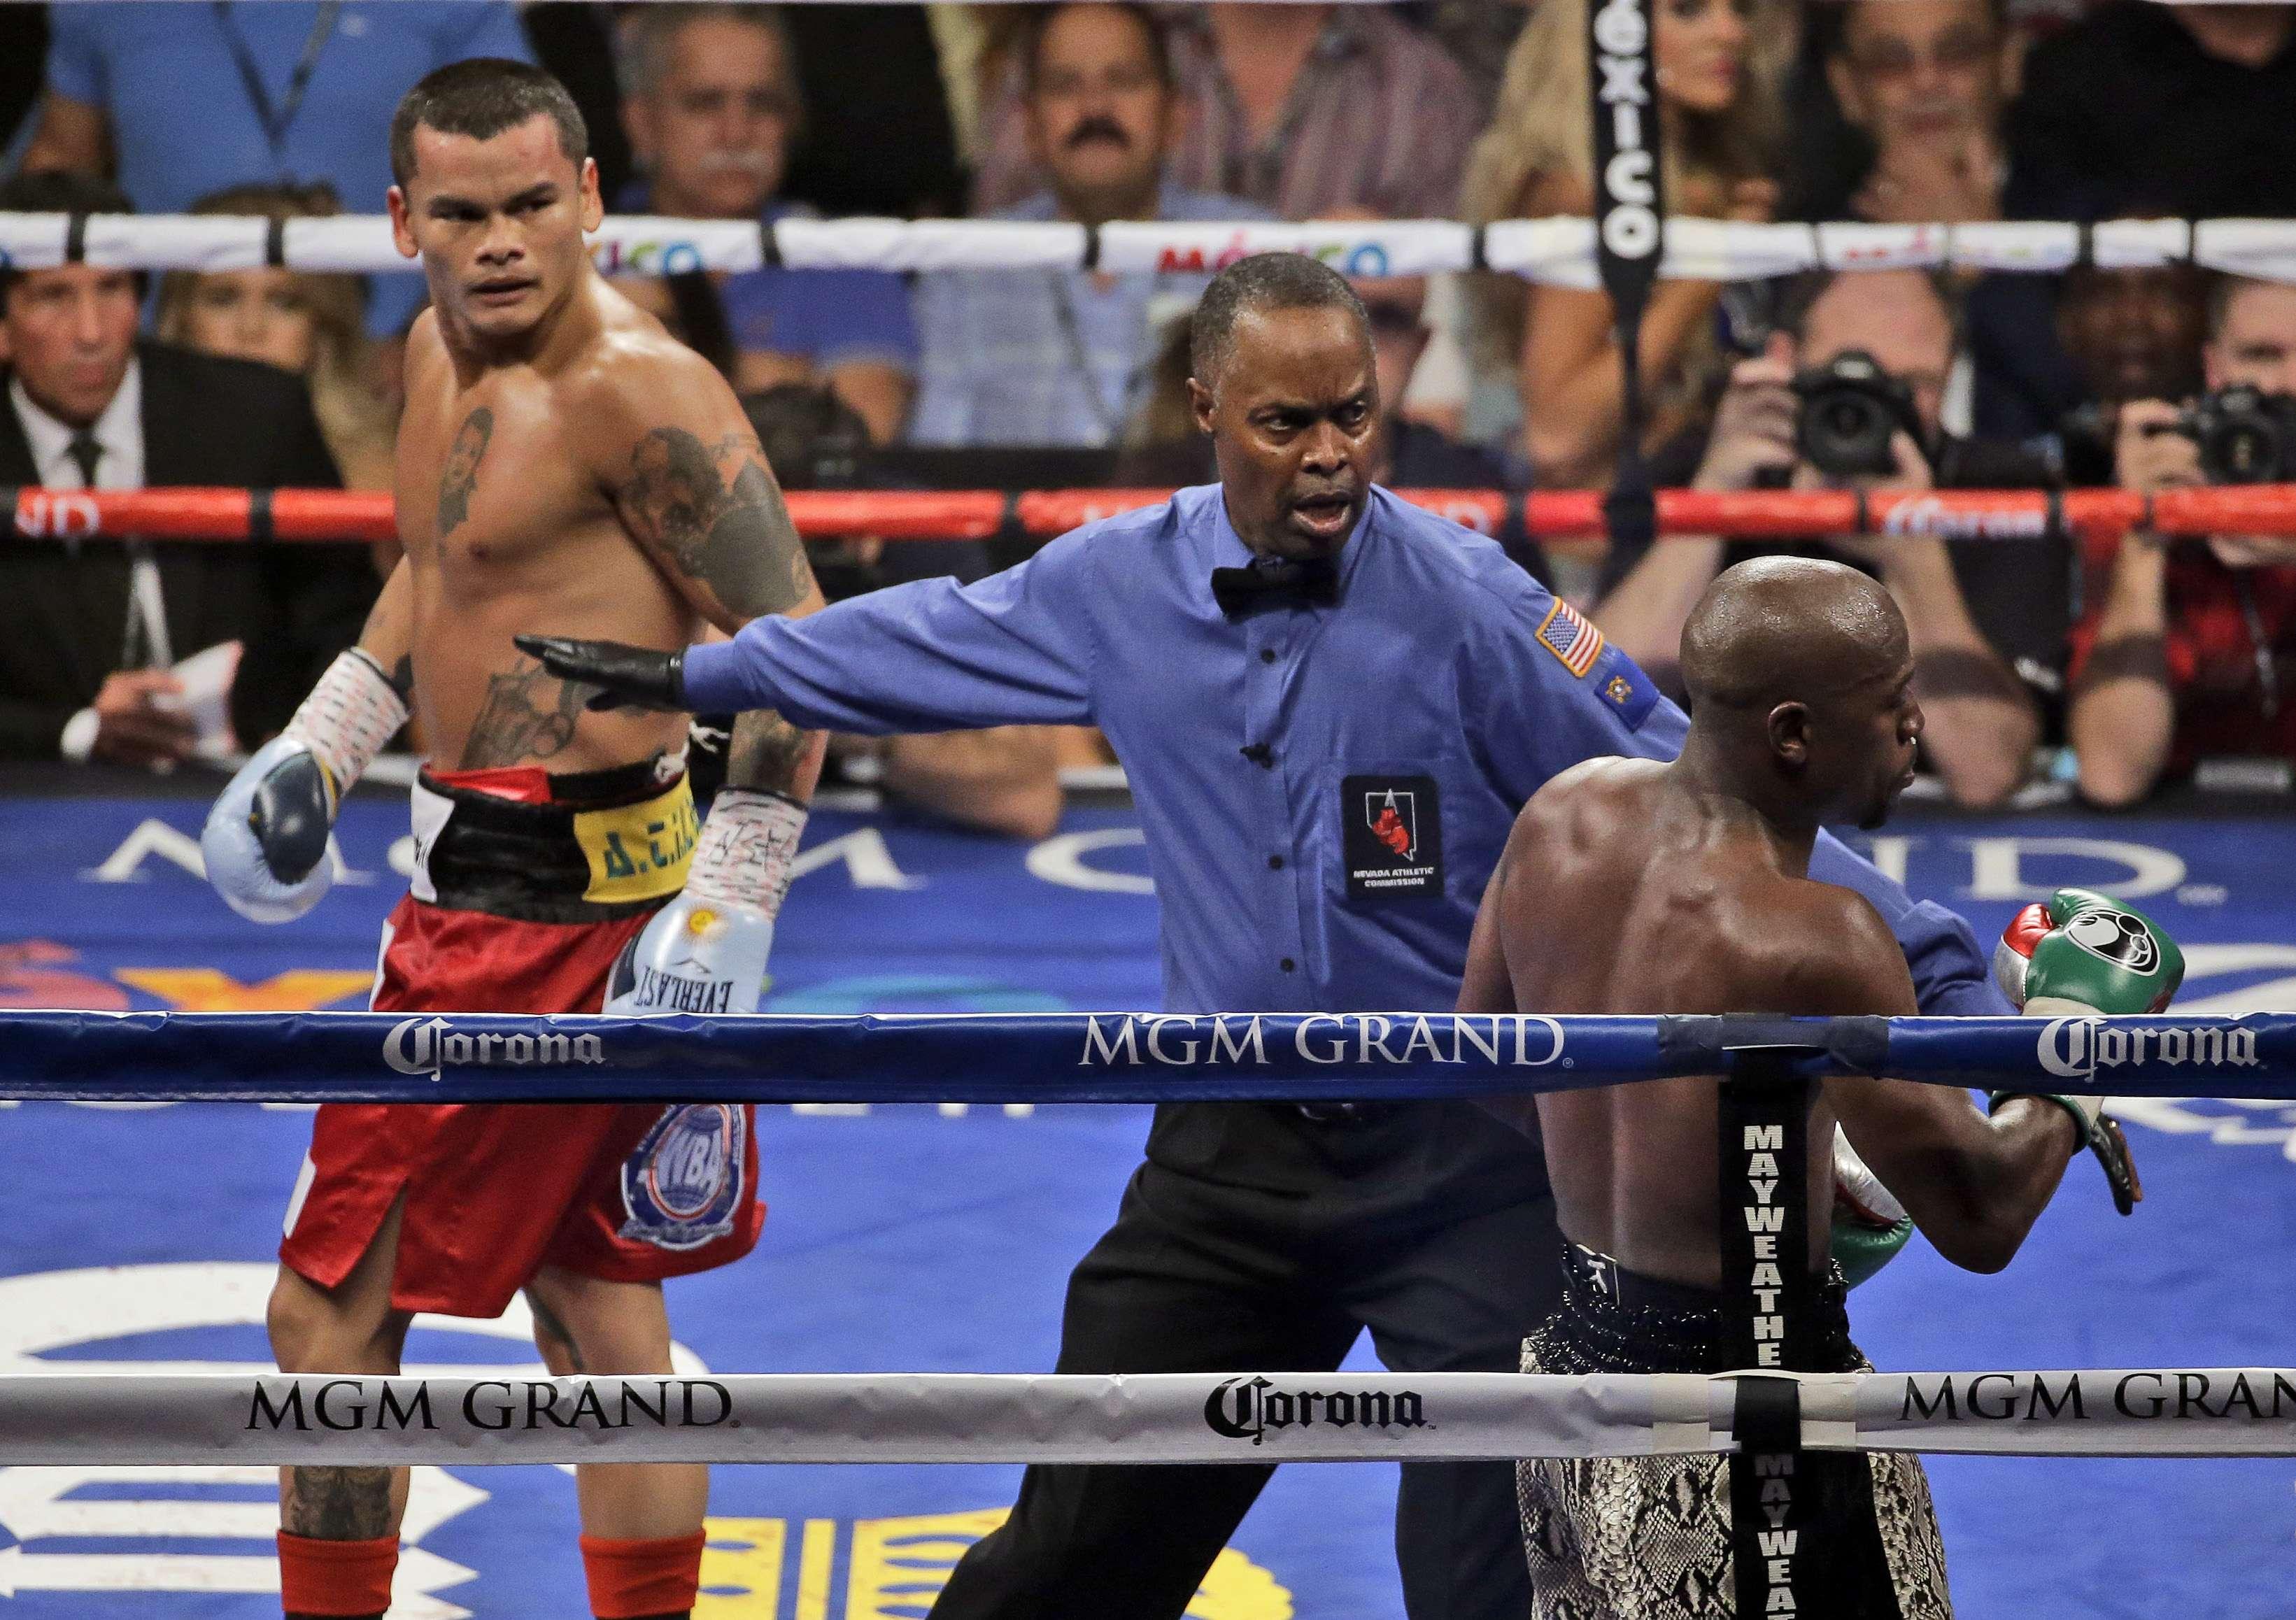 Floyd Mayweather le repitió la receta a Marcos Maidana el 13 de septiembre, al vencerlo por decisión unánime. Foto: AP en español